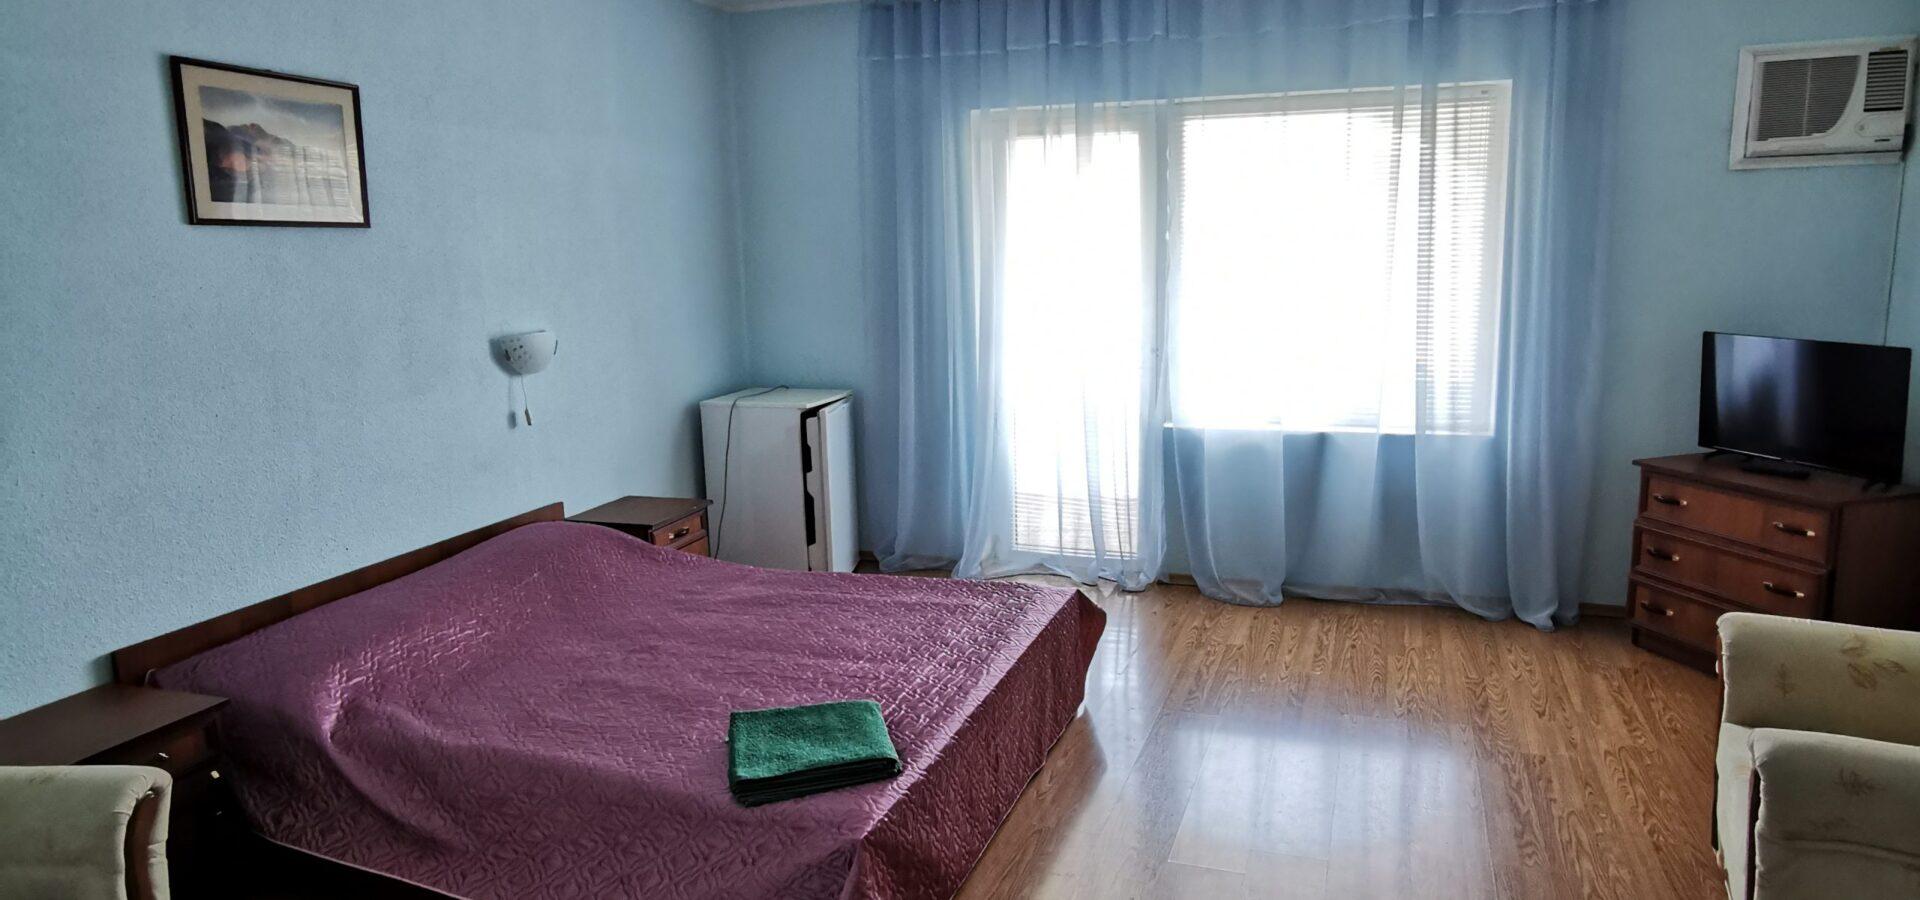 Гостиница в Судаке.